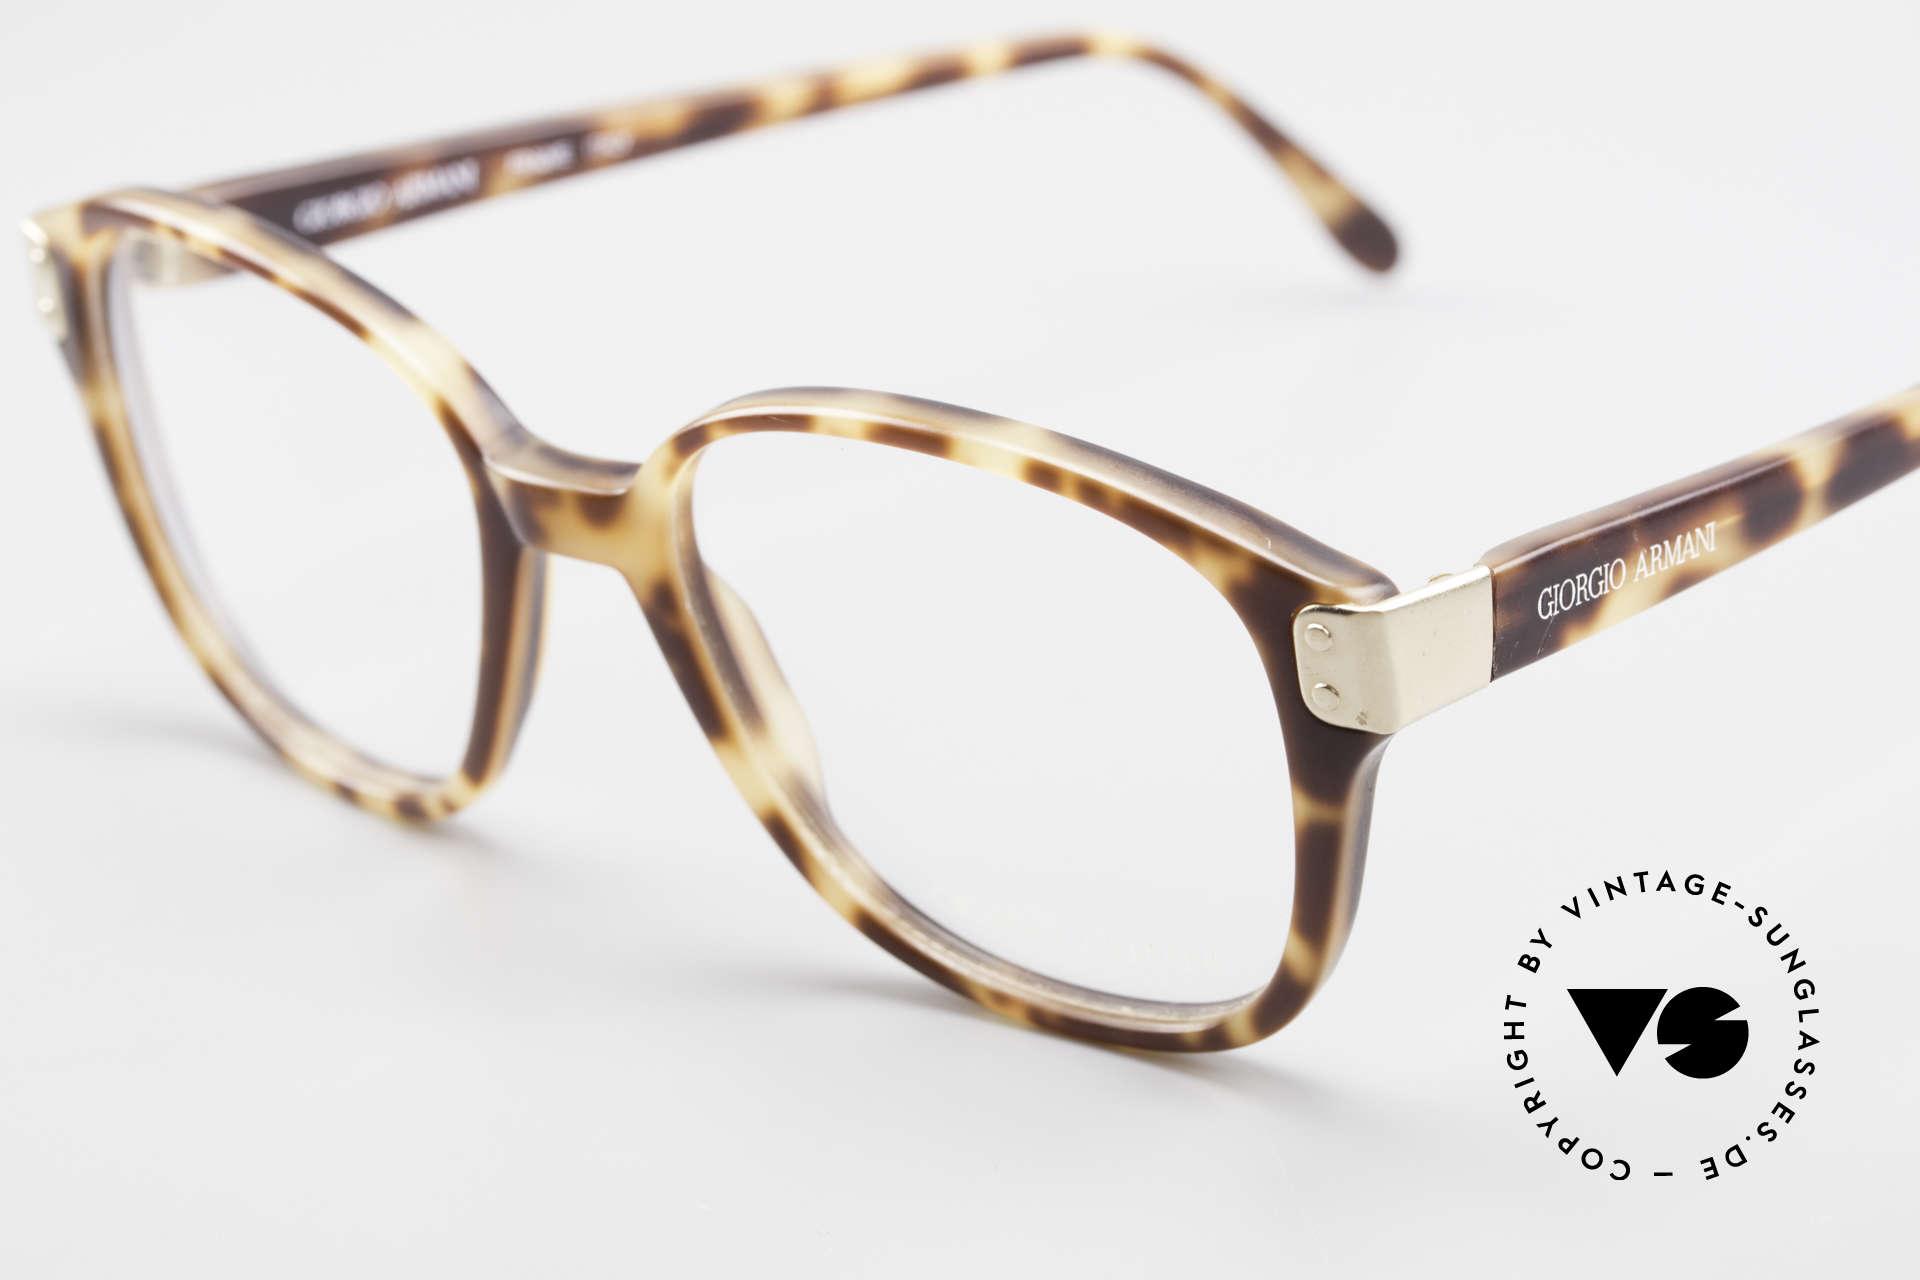 Giorgio Armani 307 Classic 80's Vintage Glasses, unworn (like all our vintage Giorgio Armani glasses), Made for Men and Women